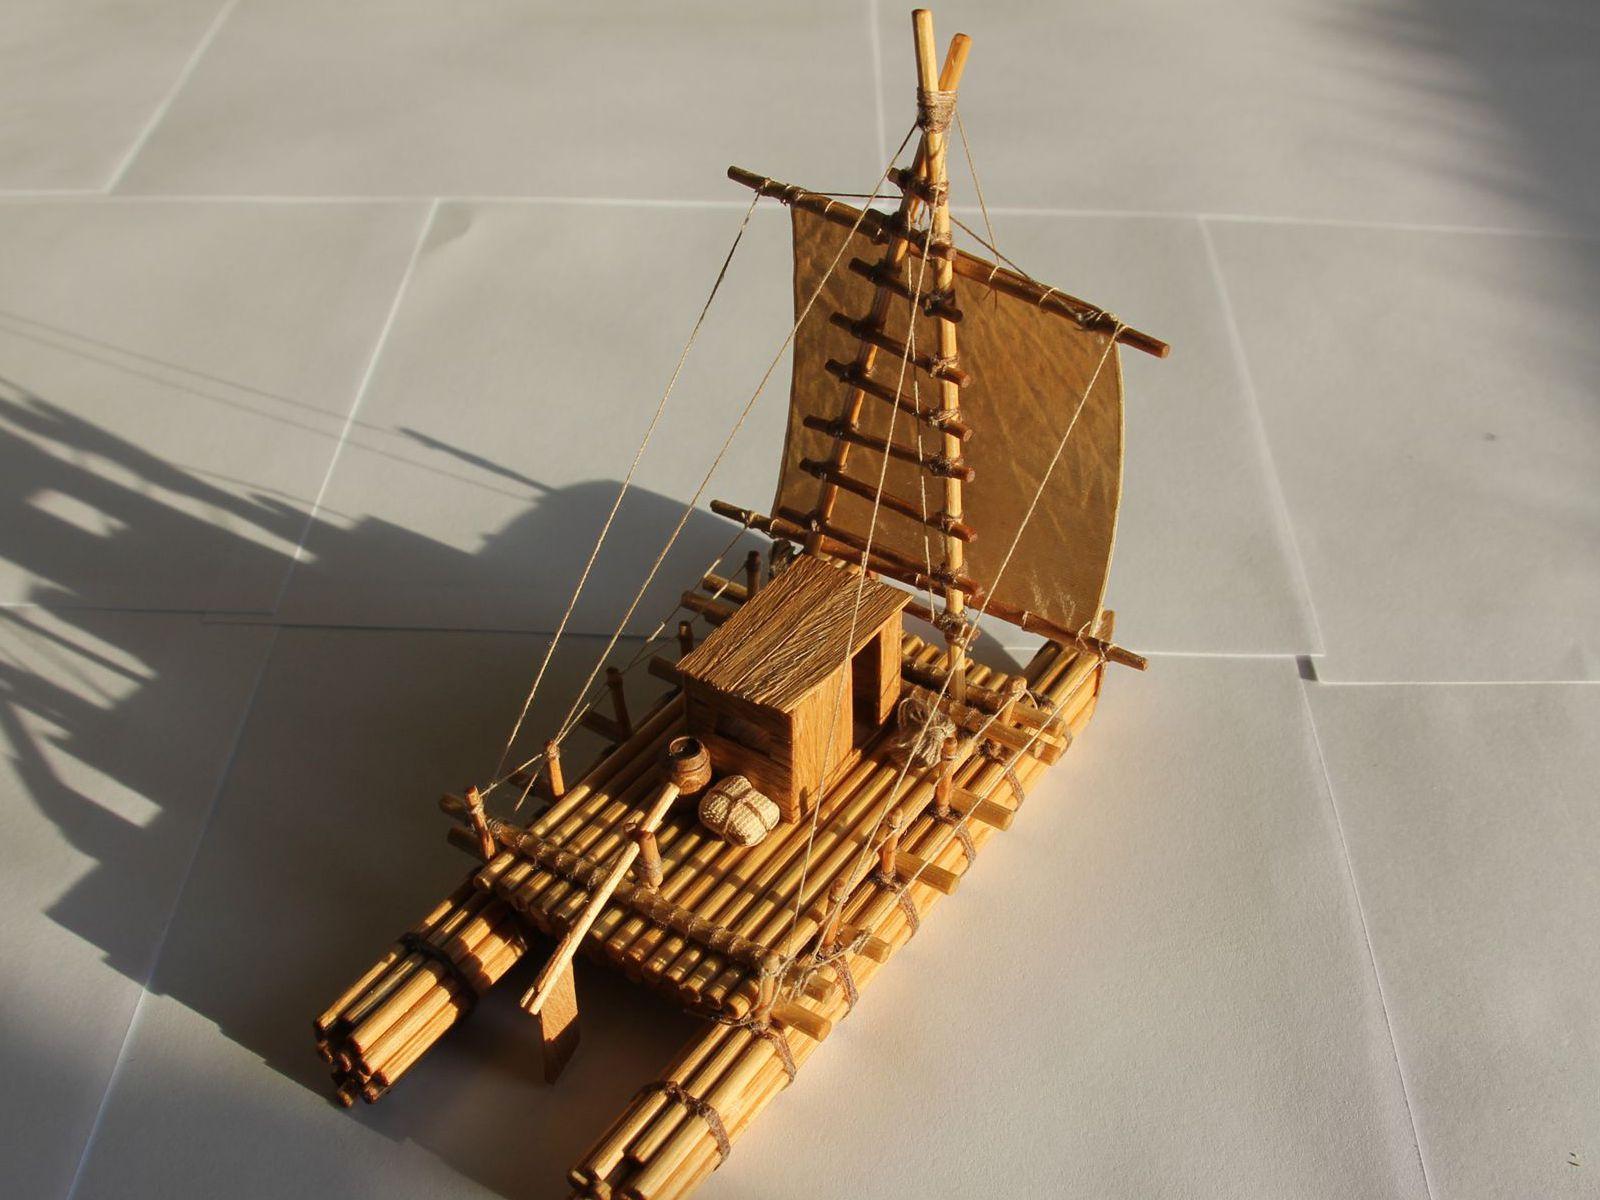 Как сделать поделку, игрушку корабль, кораблик из дерева своими руками? 81